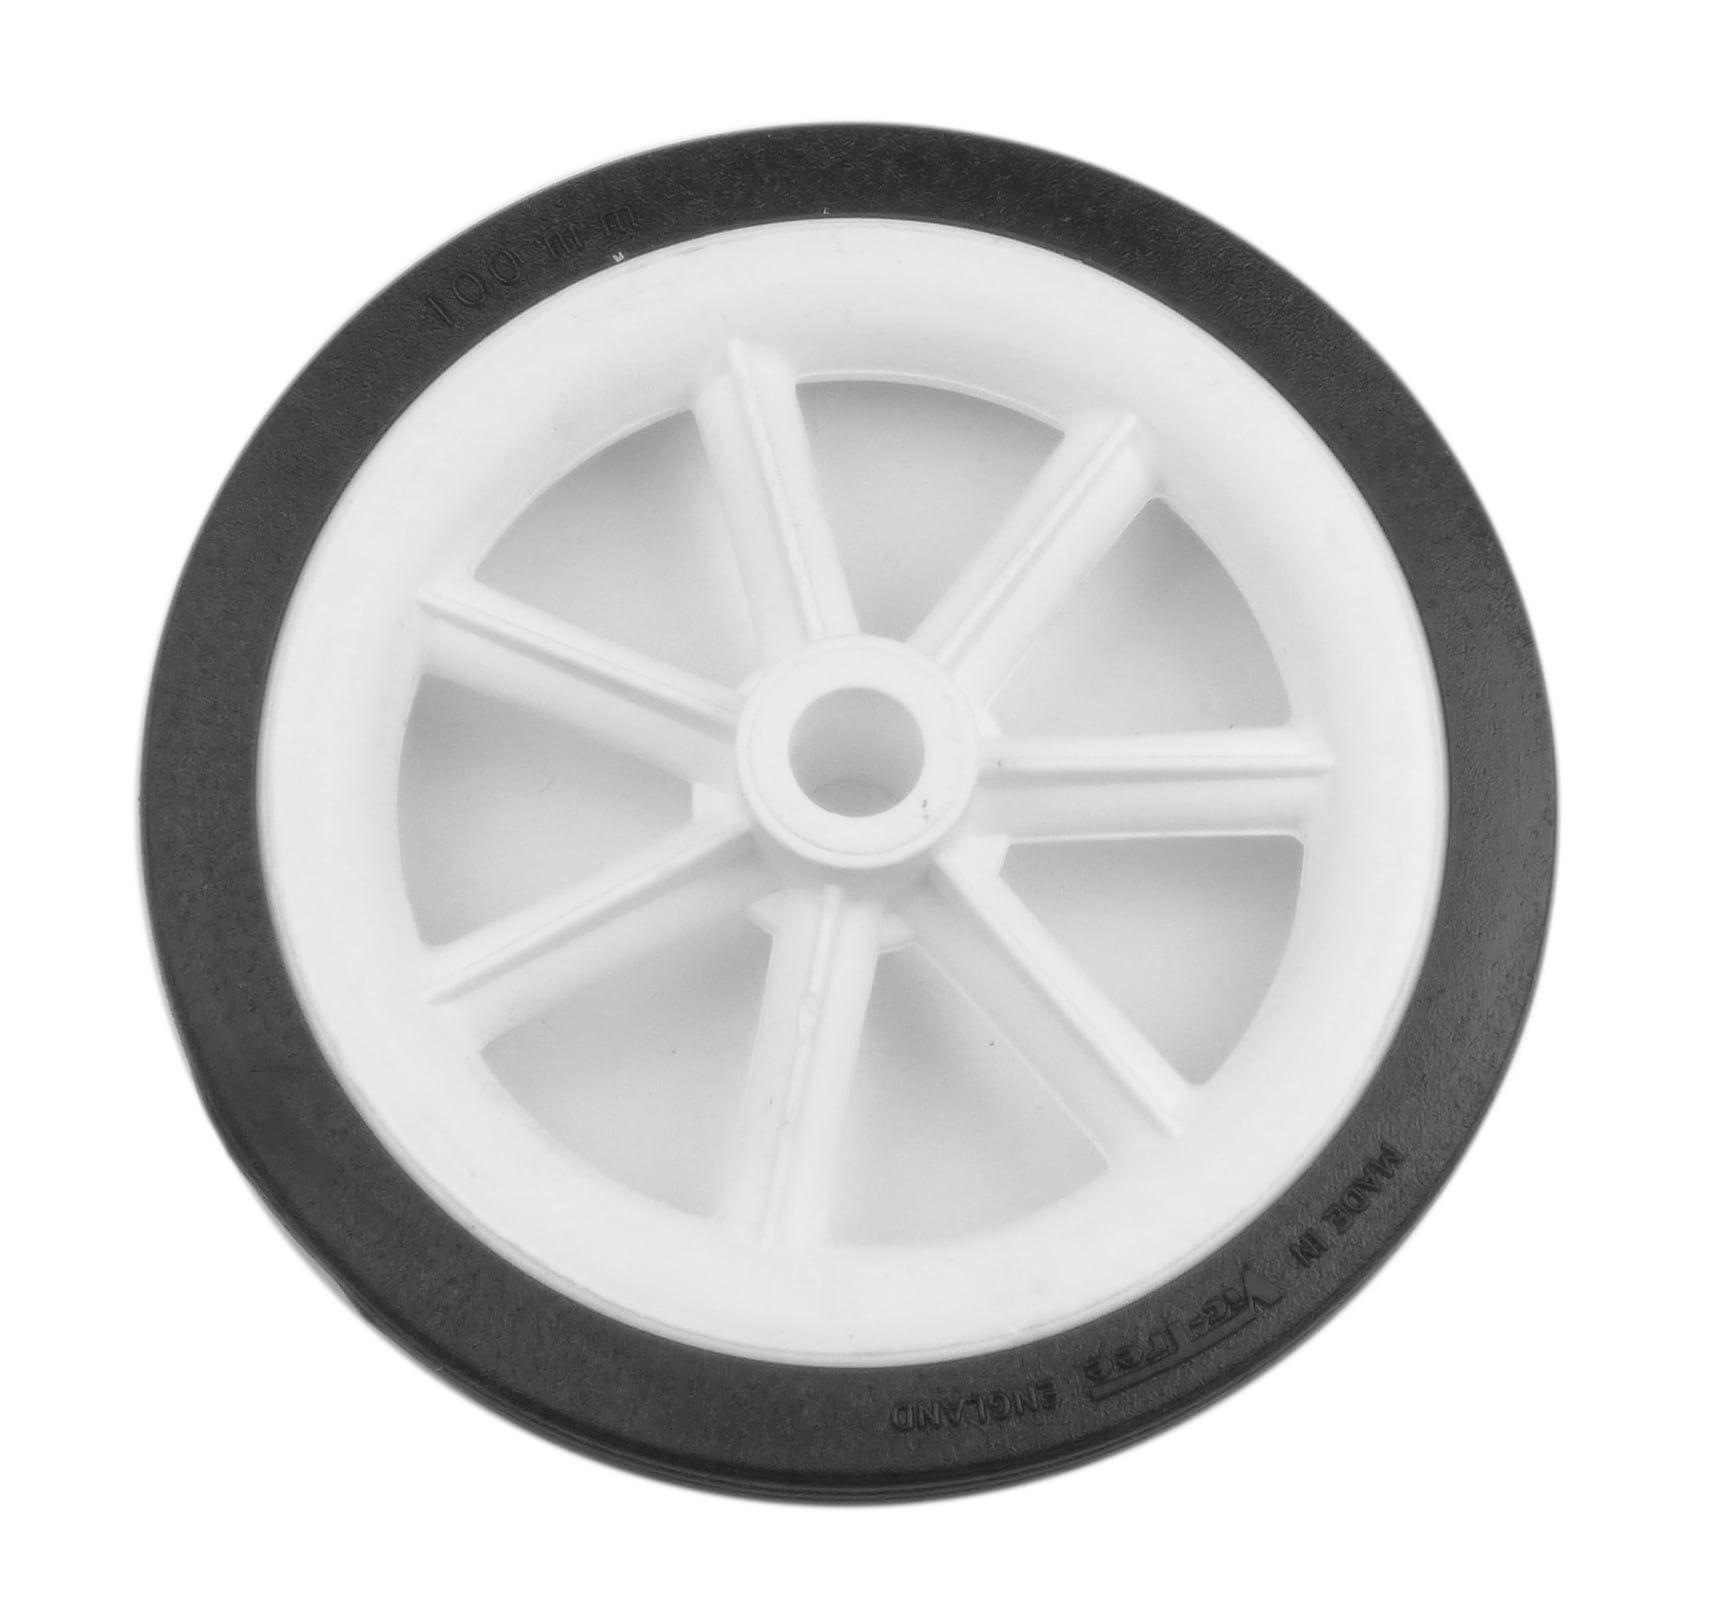 105mm Moulded Spoke Wheel